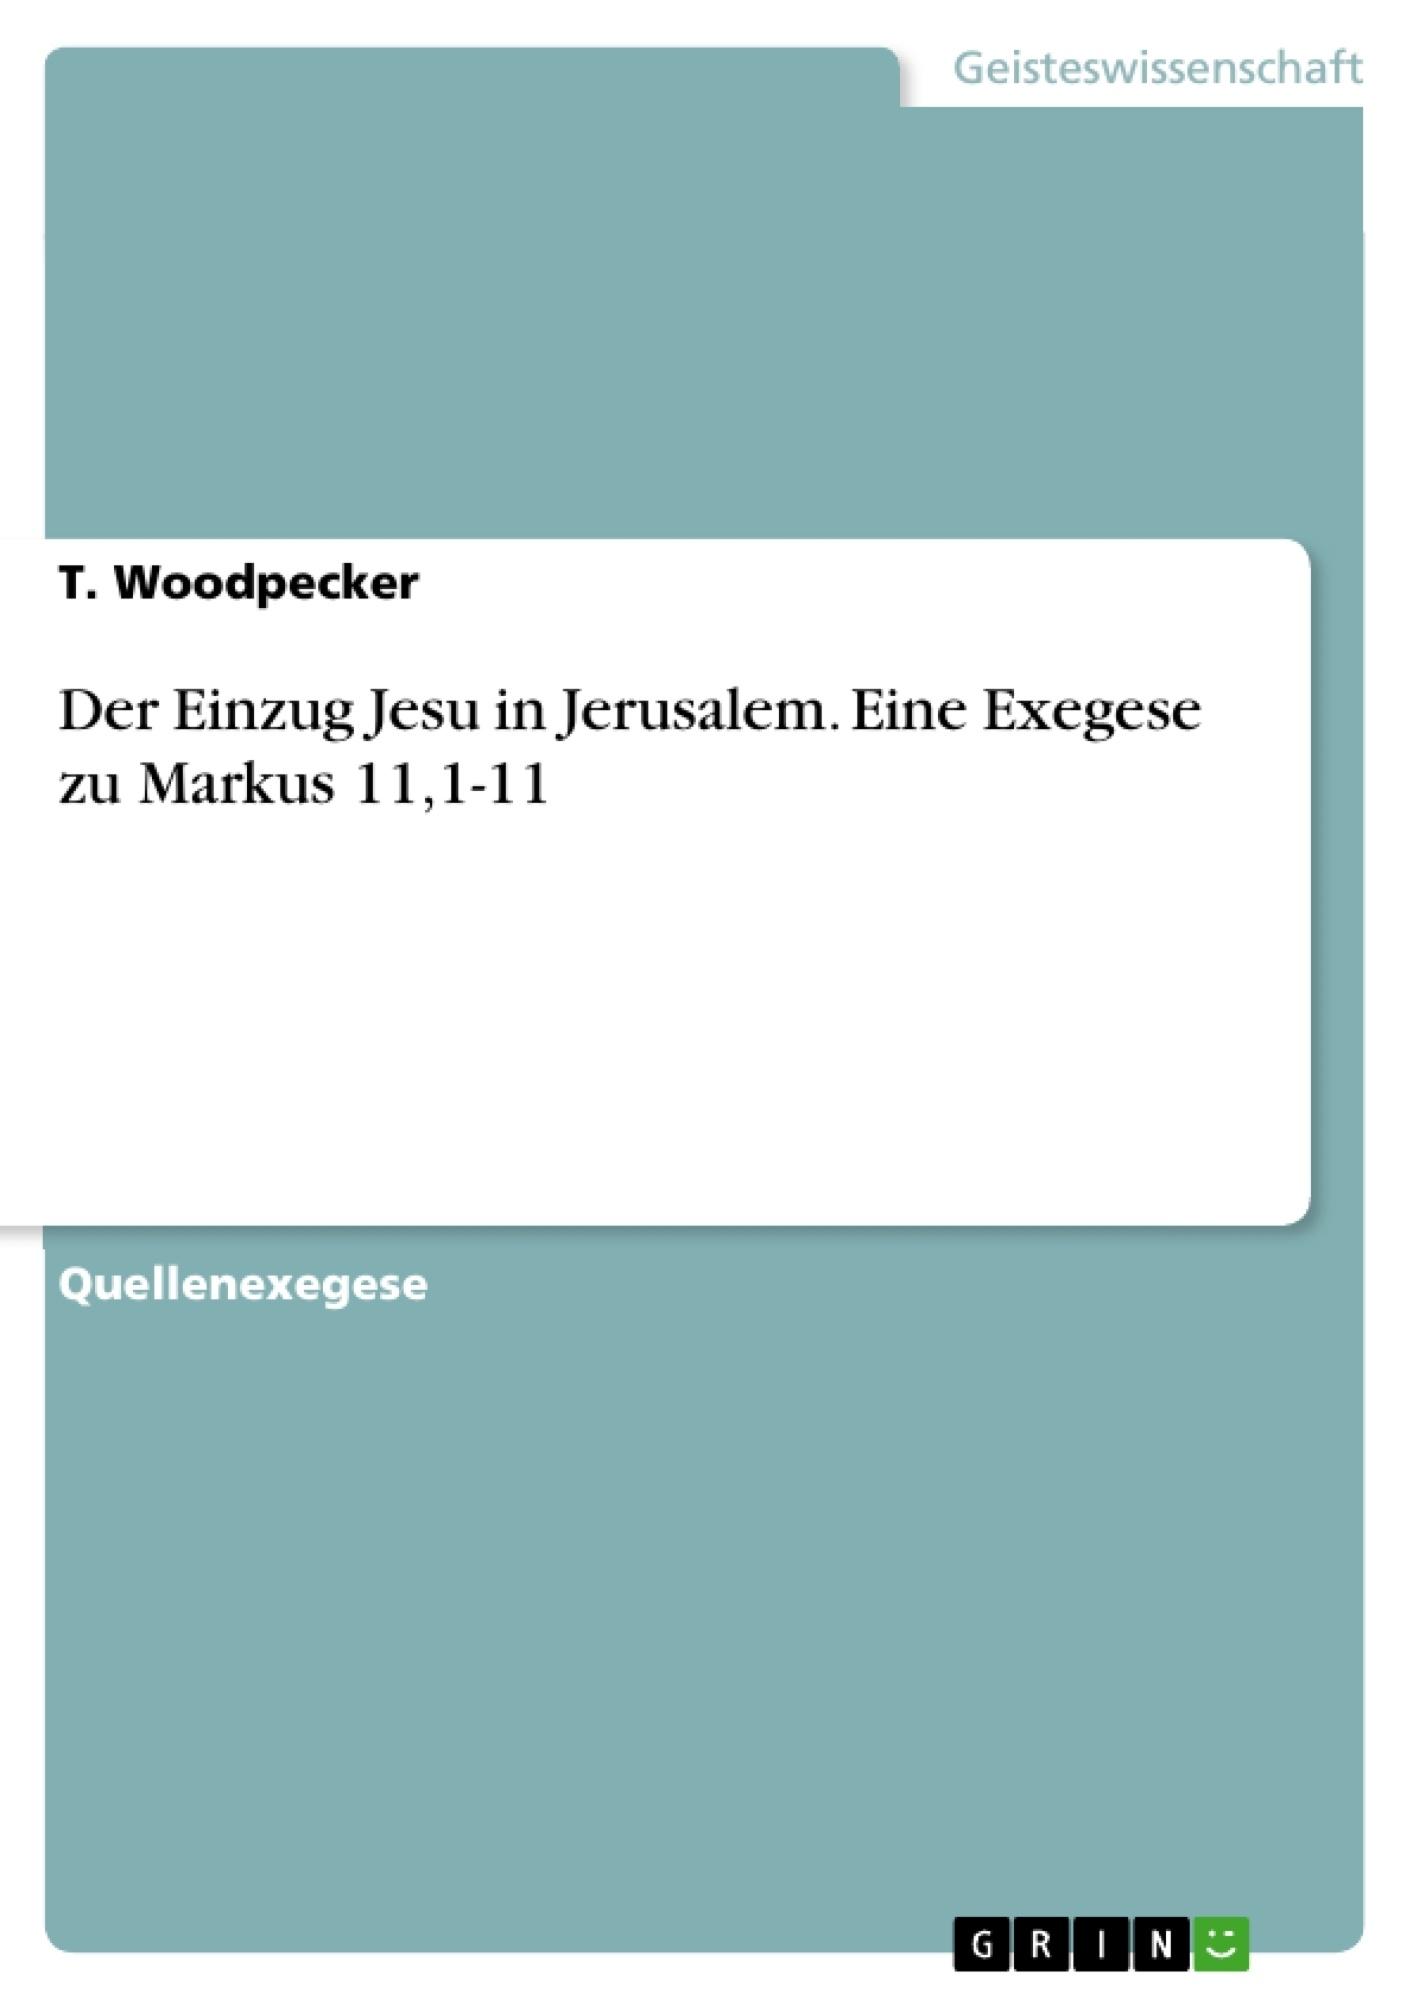 Titel: Der Einzug Jesu in Jerusalem. Eine Exegese zu Markus 11,1-11